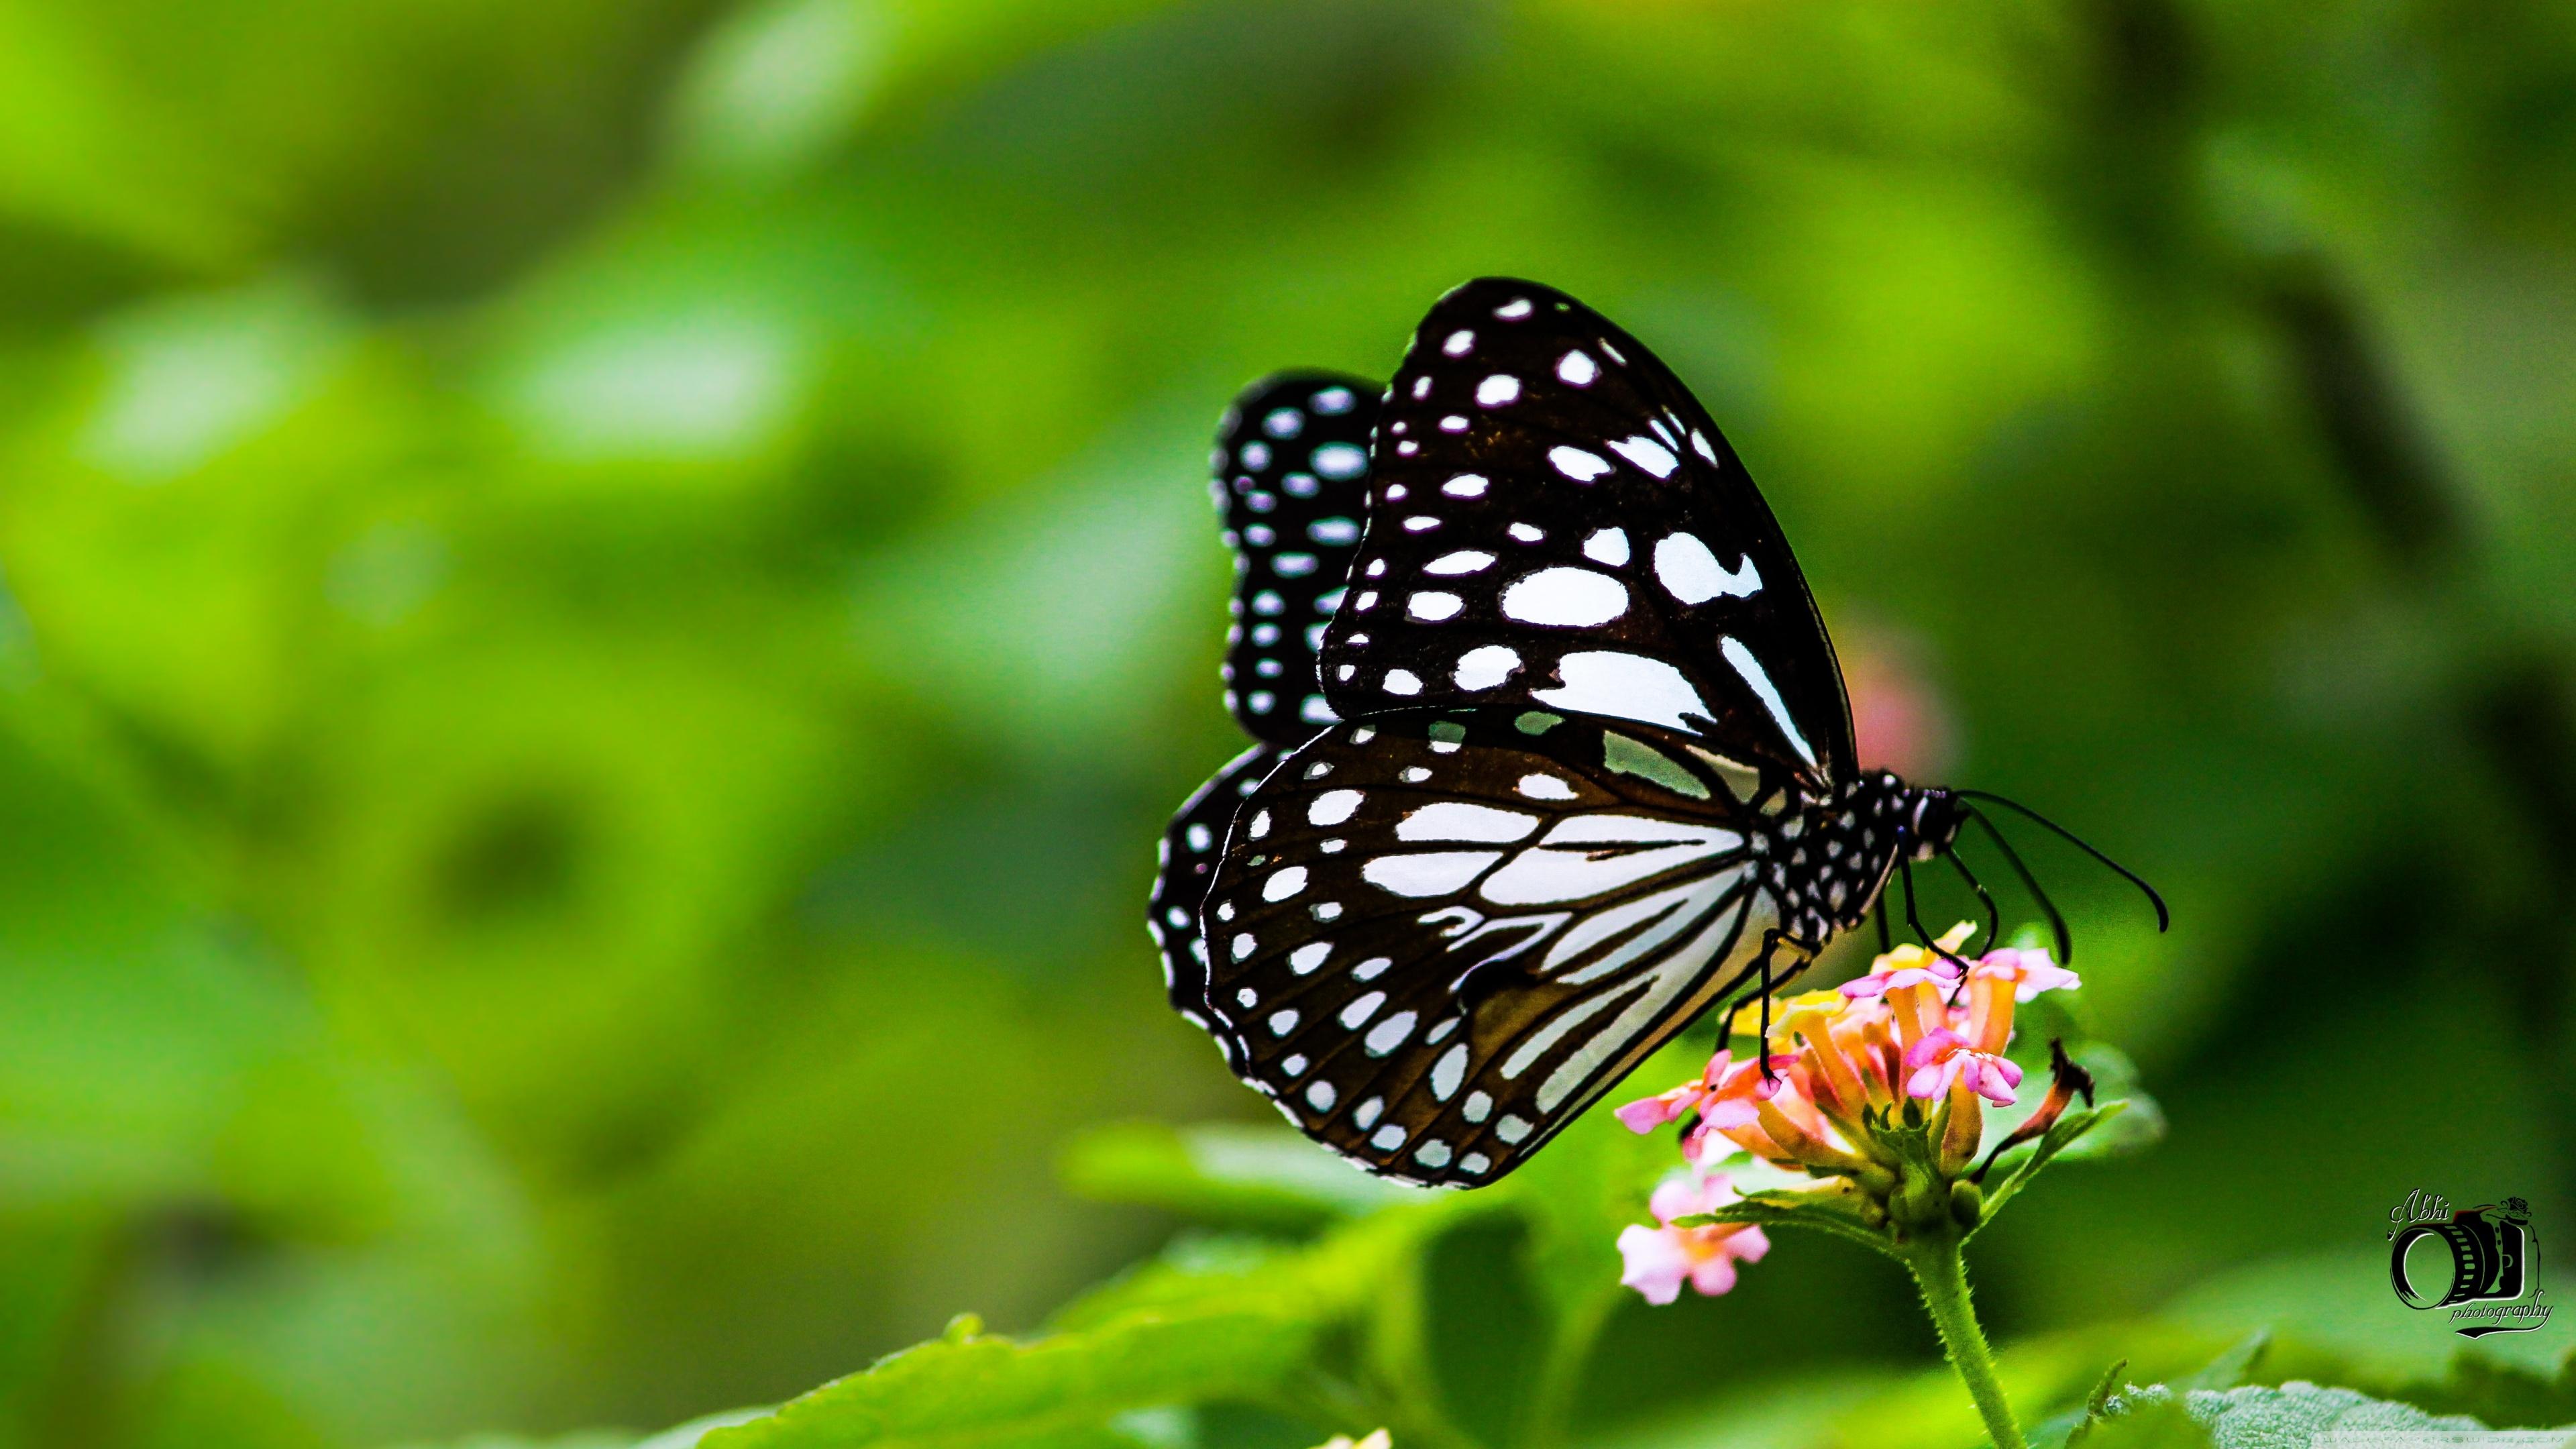 Free Download Butterfly 4k Hd Desktop Wallpaper For 4k Ultra Hd Tv Wide 3840x2160 For Your Desktop Mobile Tablet Explore 27 Butterfly 4k Wallpapers Butterfly 4k Wallpapers Butterfly Wallpaper Butterfly Backgrounds